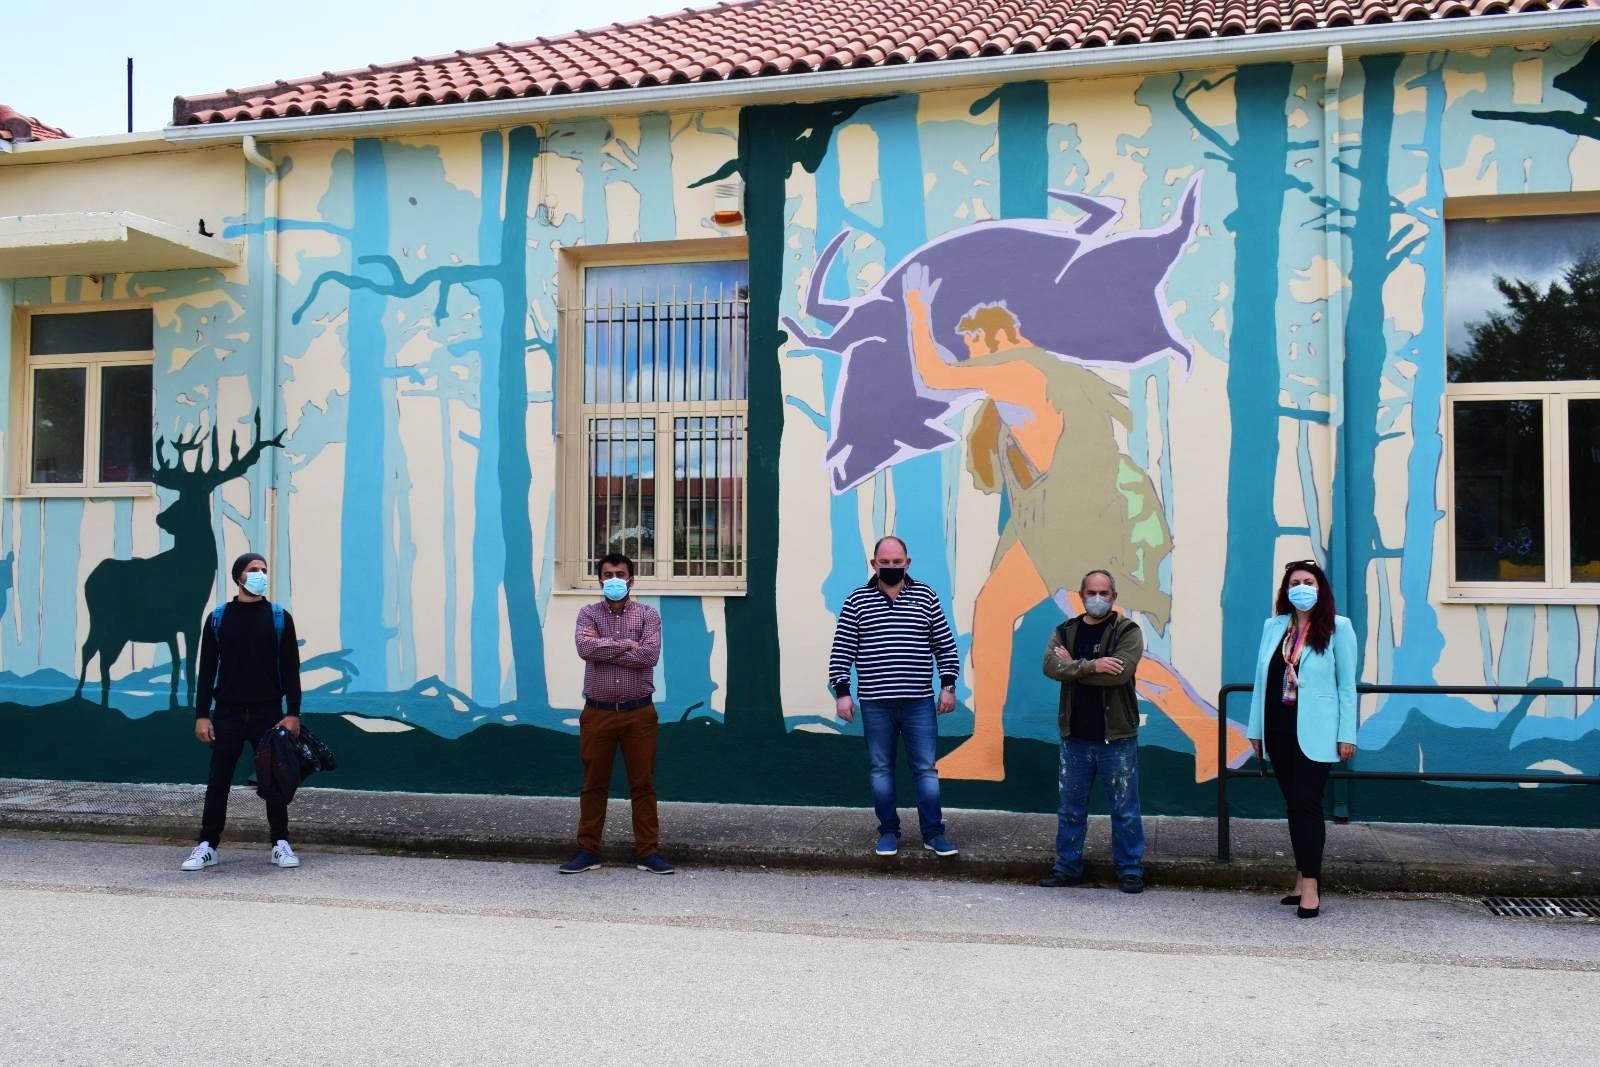 Δήμος Αρχαίας Ολυμπίας: Υπό την αιγίδα του Δήμου το graffiti στο Δημοτικό Σχολείο Λάλα